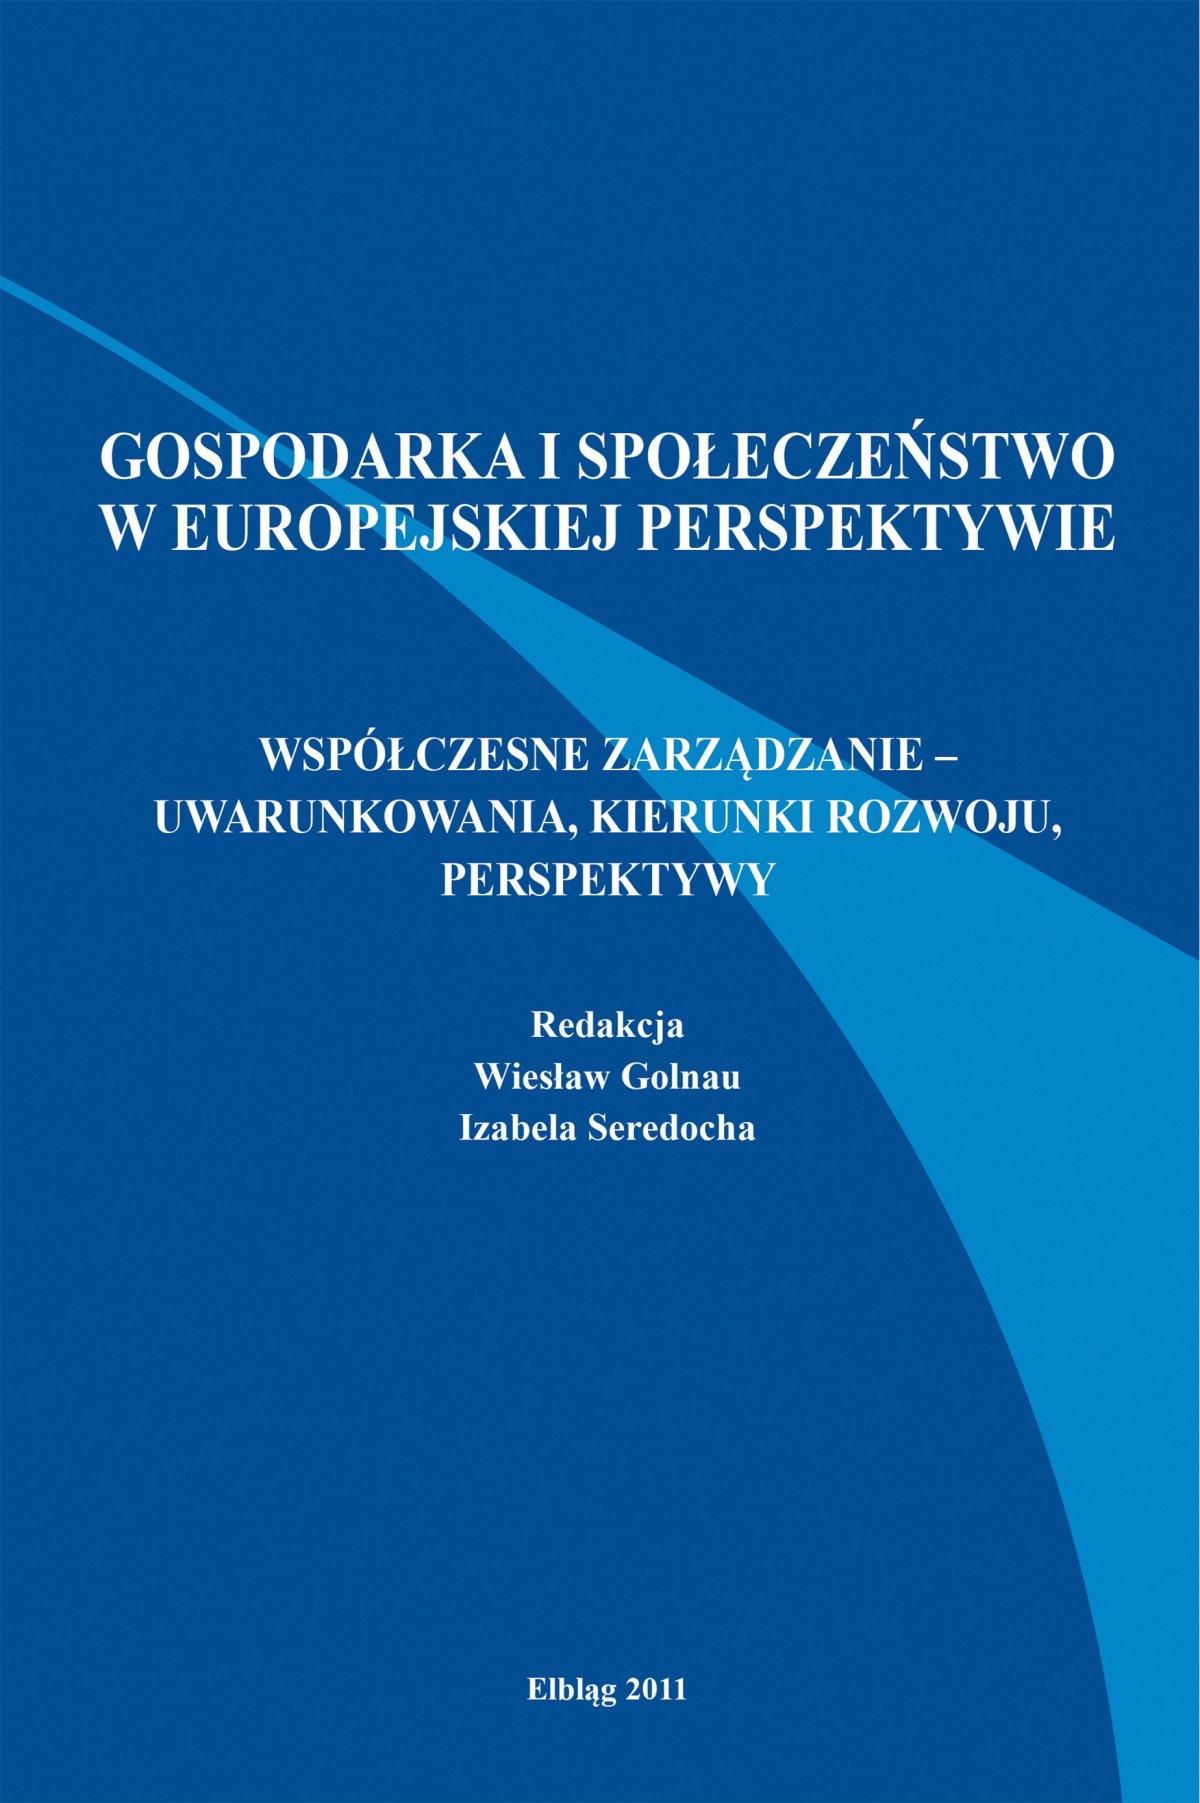 Gospodarka i społeczeństwo w europejskiej perspektywie - Ebook (Książka na Kindle) do pobrania w formacie MOBI